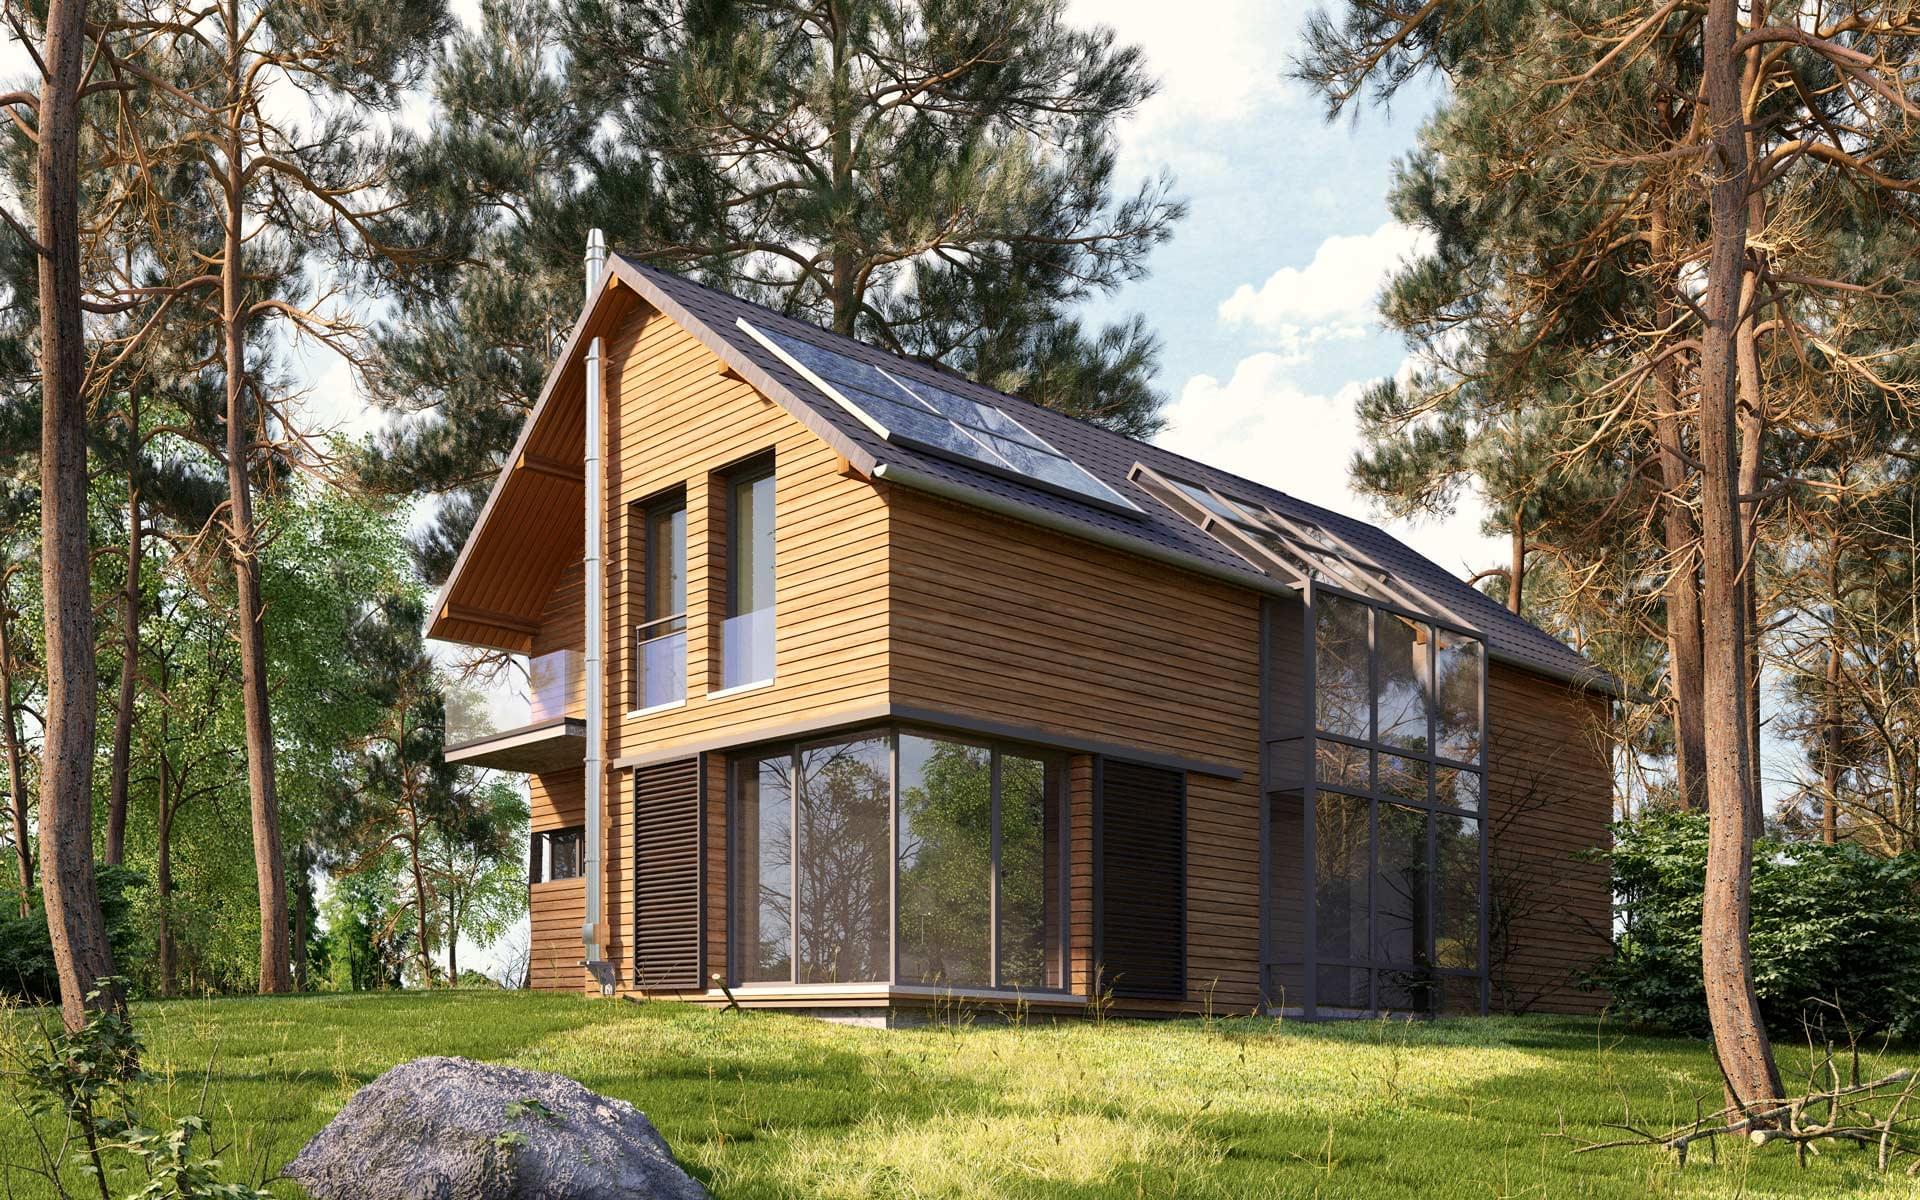 Dom piętrowy drewniany wśród drzew